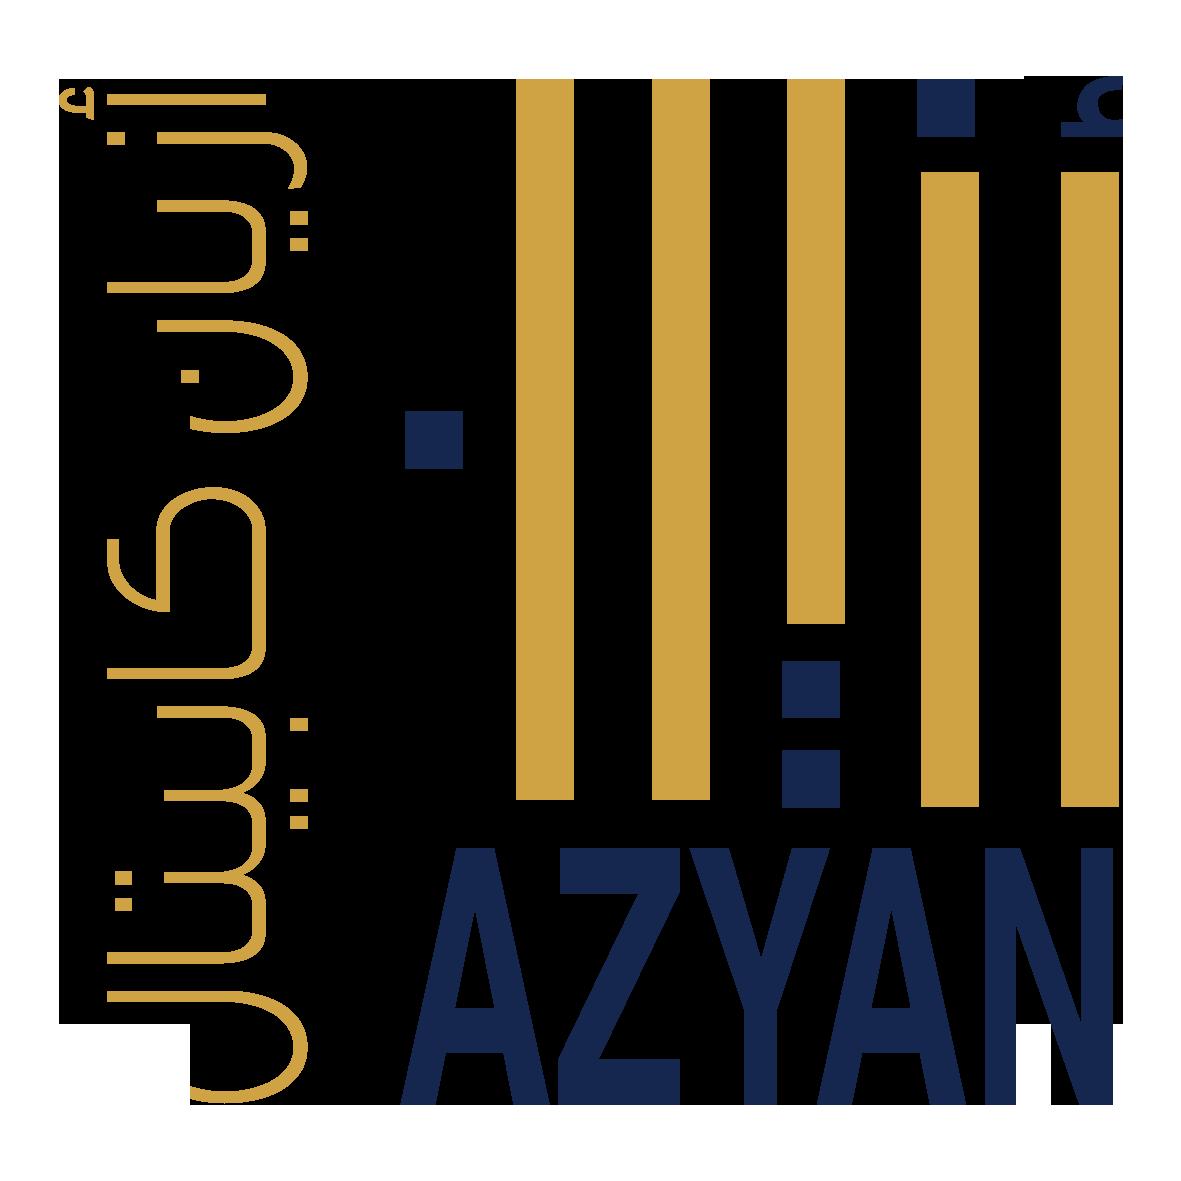 Azyan Capital